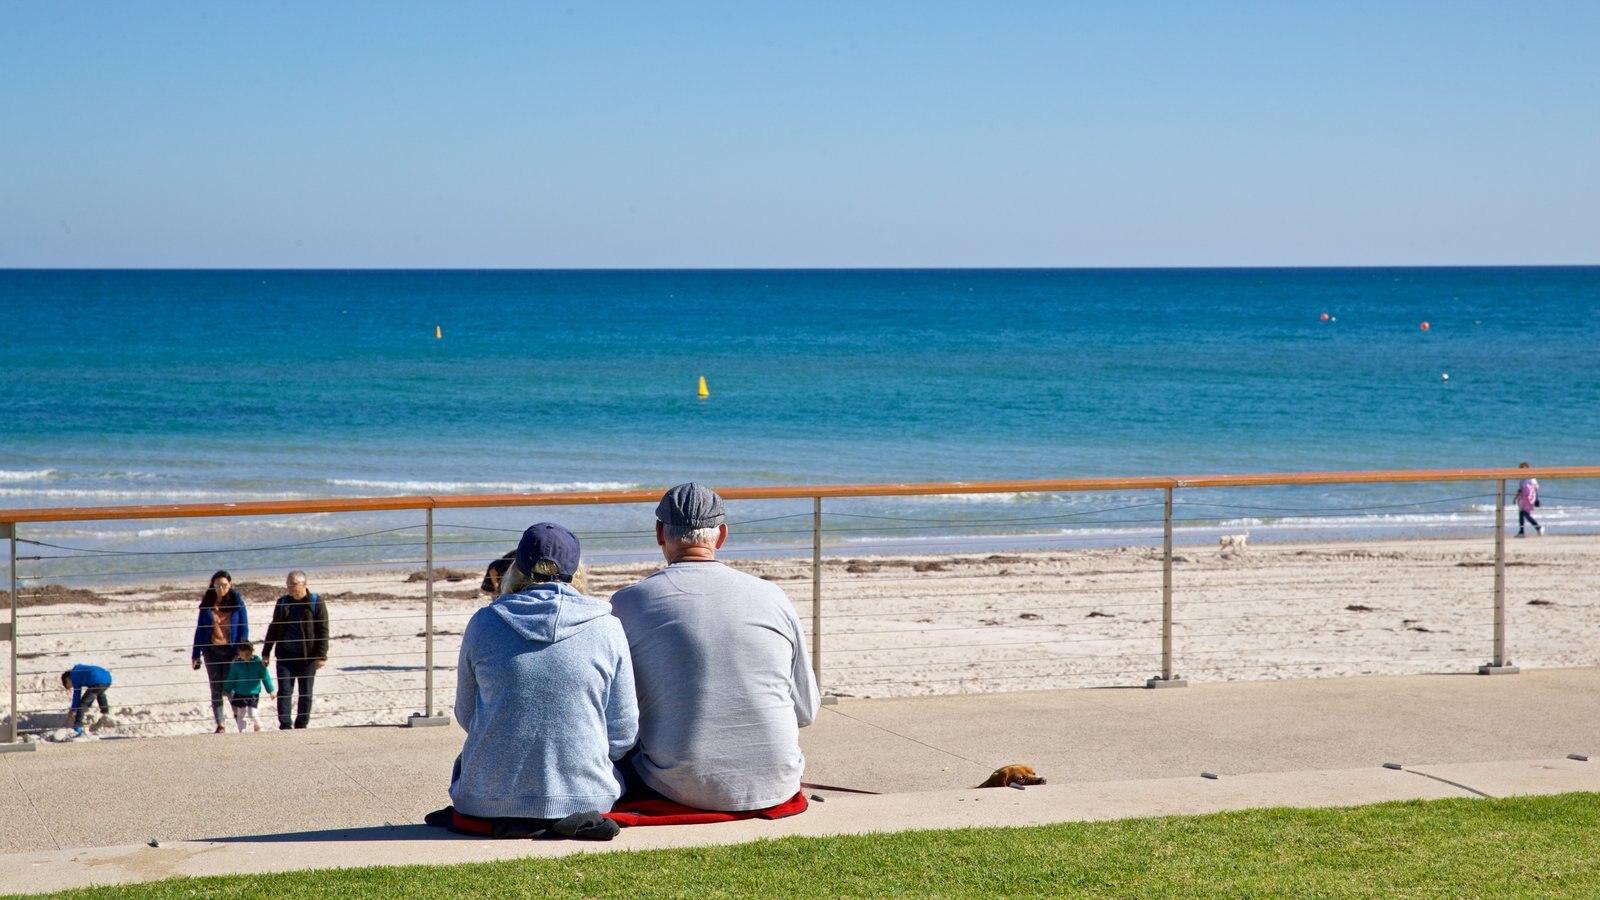 Playa Henley que incluye vistas generales de la costa y también una pareja